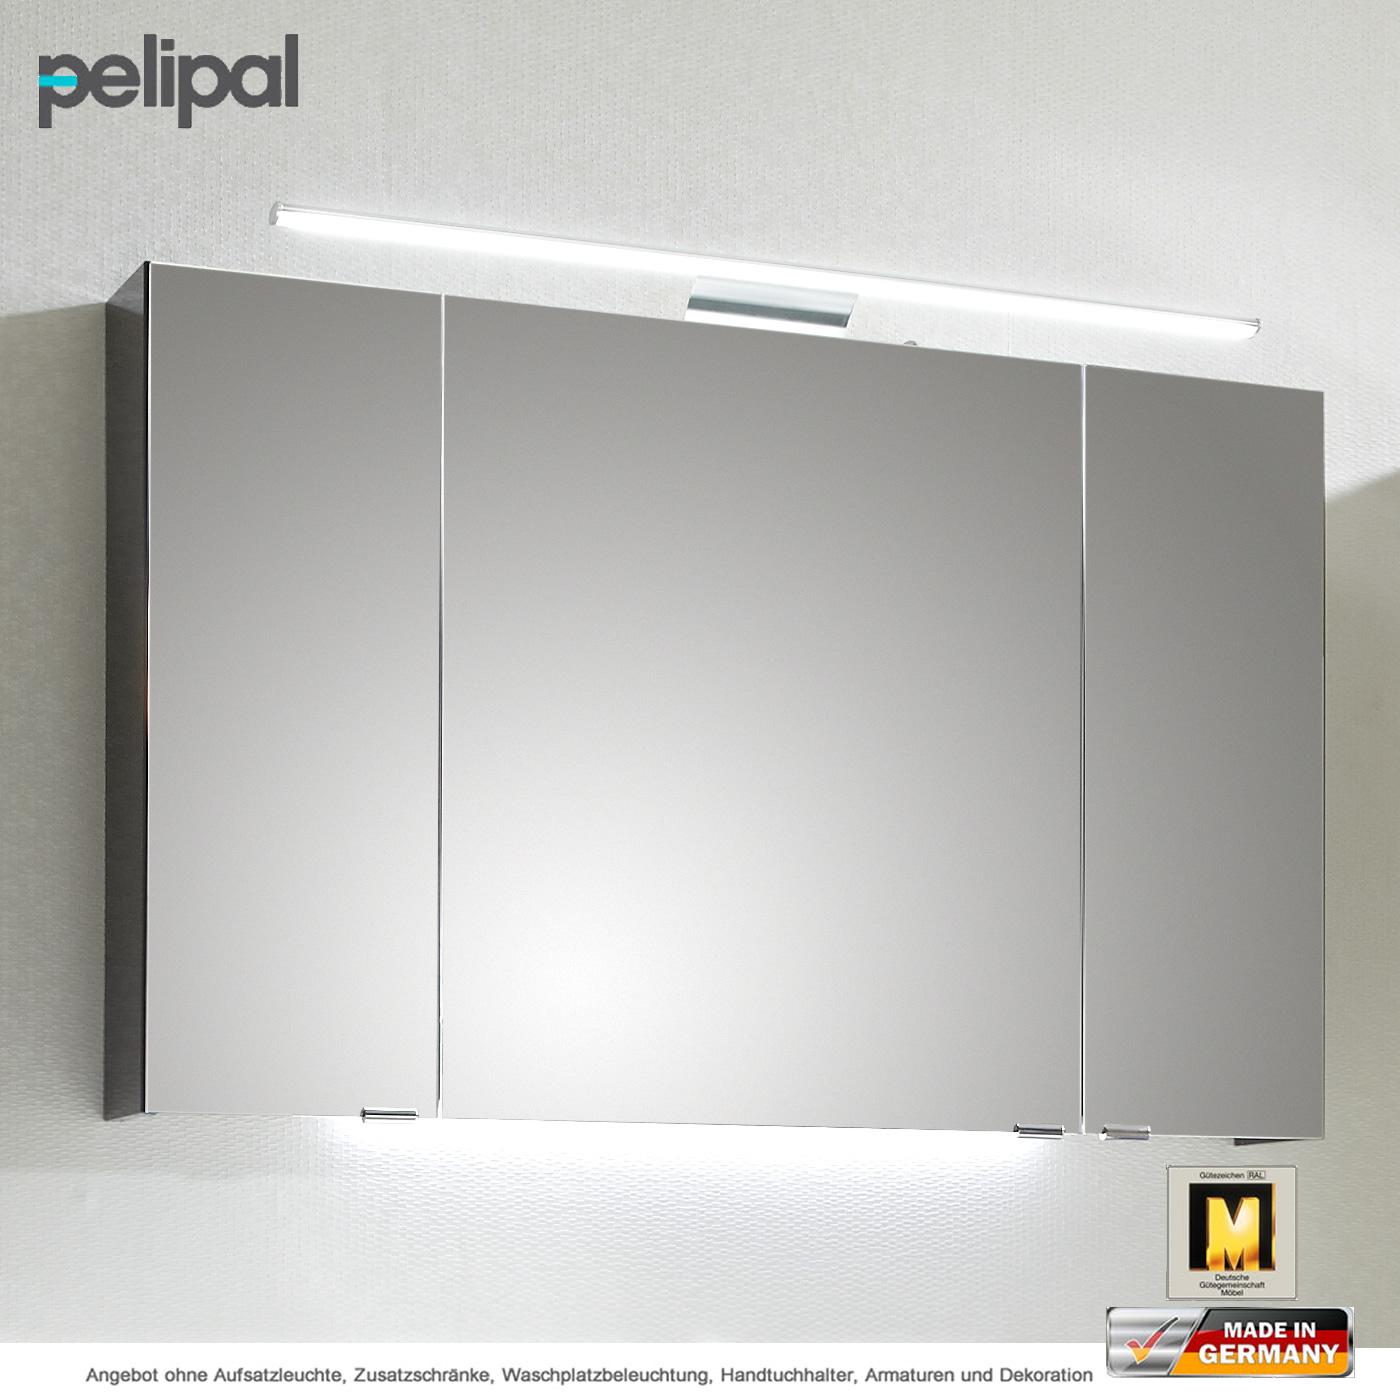 Pelipal lunic spiegelschrank 110 cm mit doppelt verspiegelten t ren impulsbad - Spiegelschrank 110 cm ...